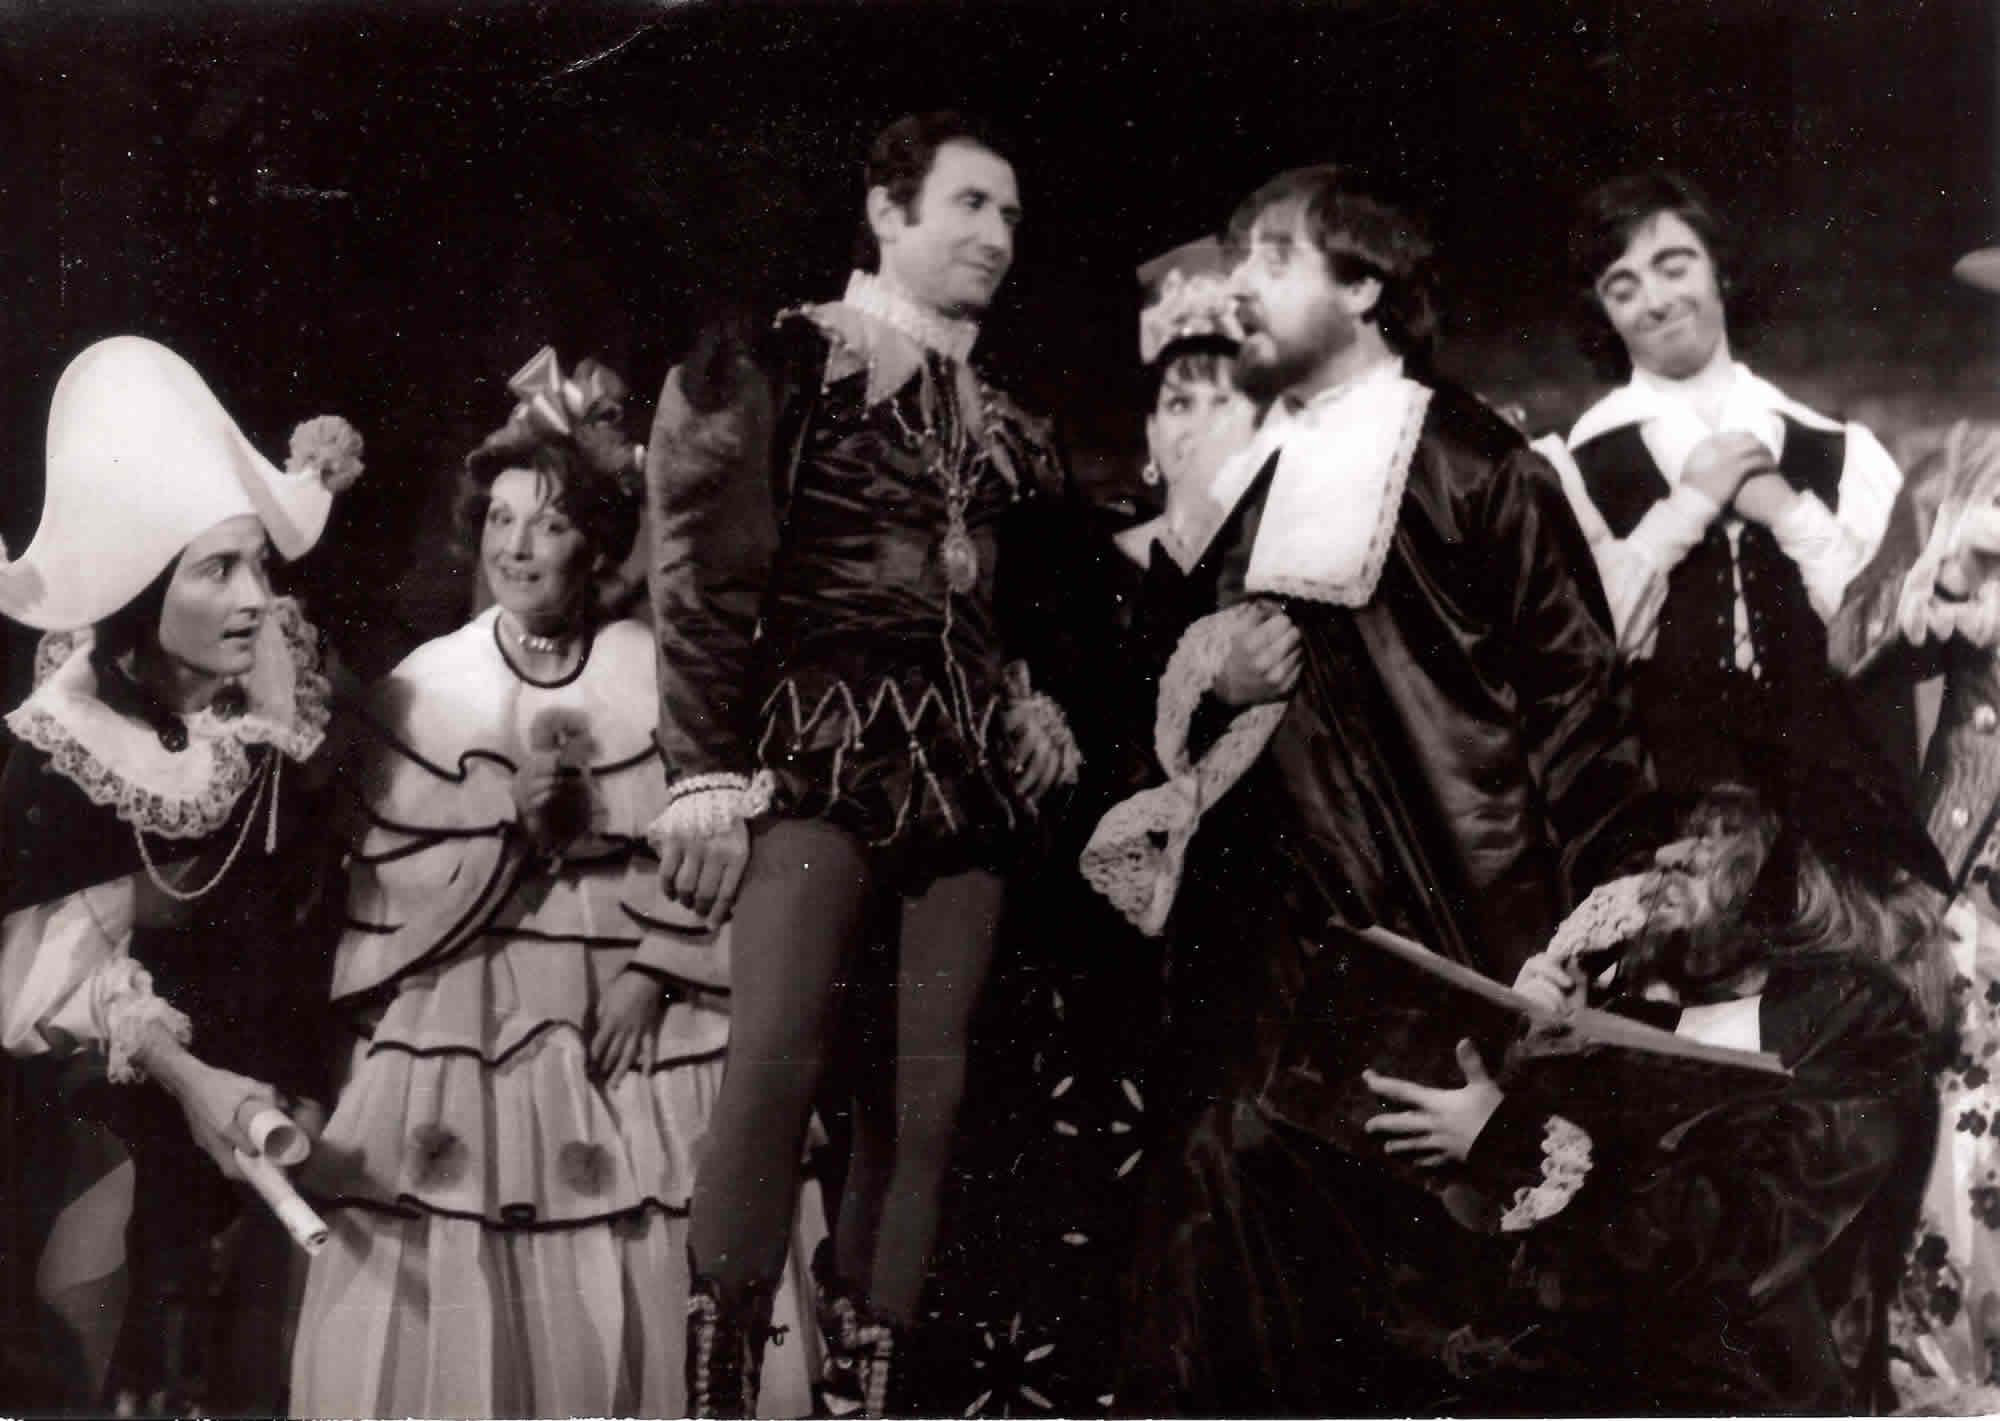 maribel-gabriel-joan-borras-plaza-del-rey-los-intereses-creados-jpg